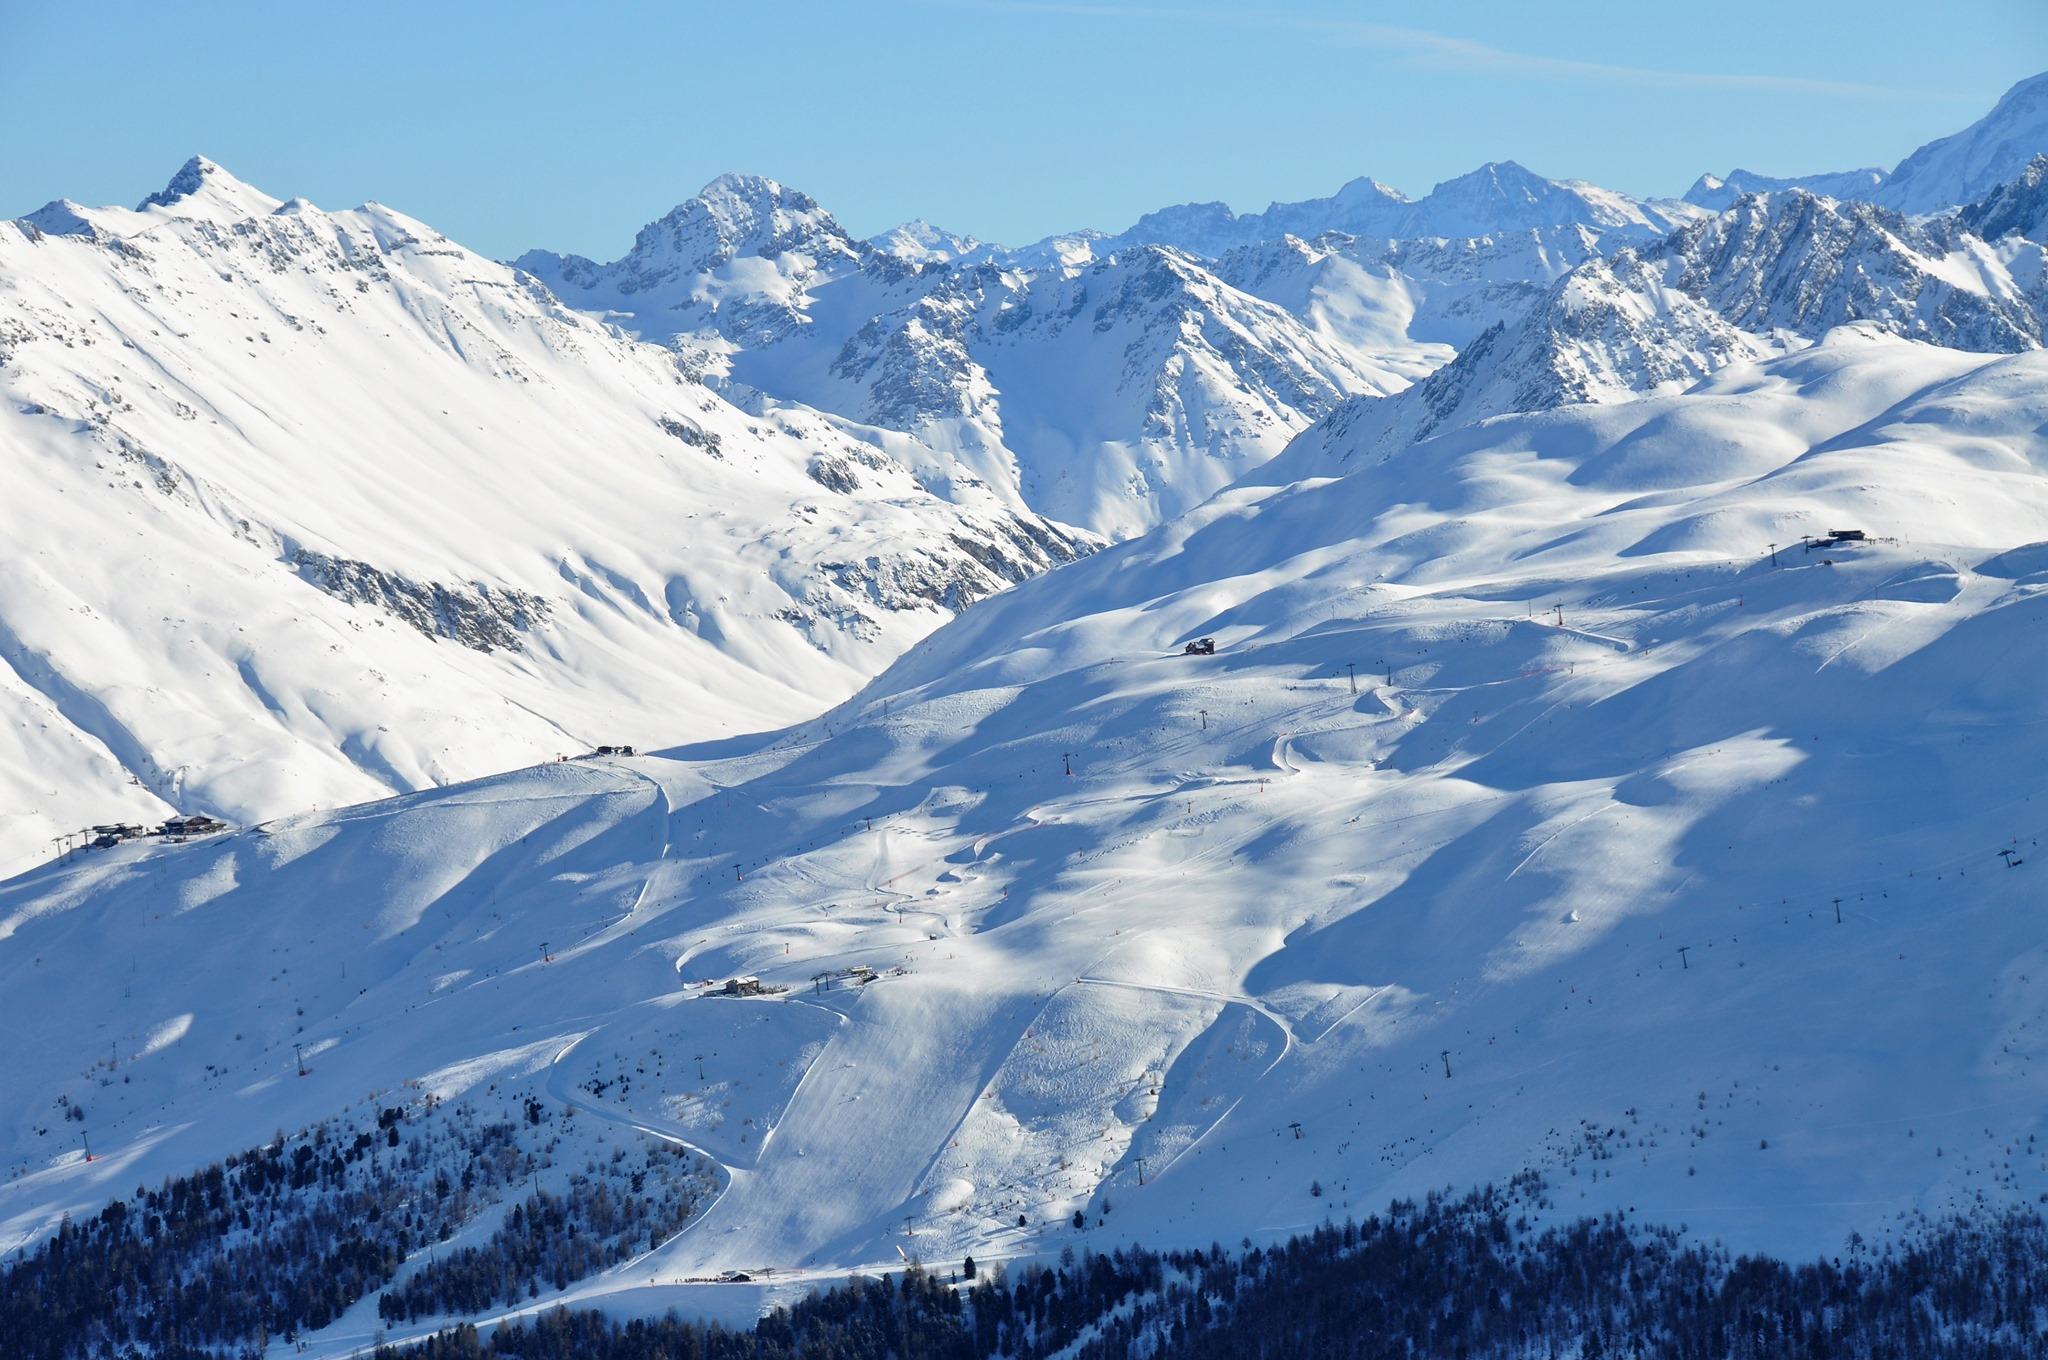 Otevření lyžařského střediska Livigno